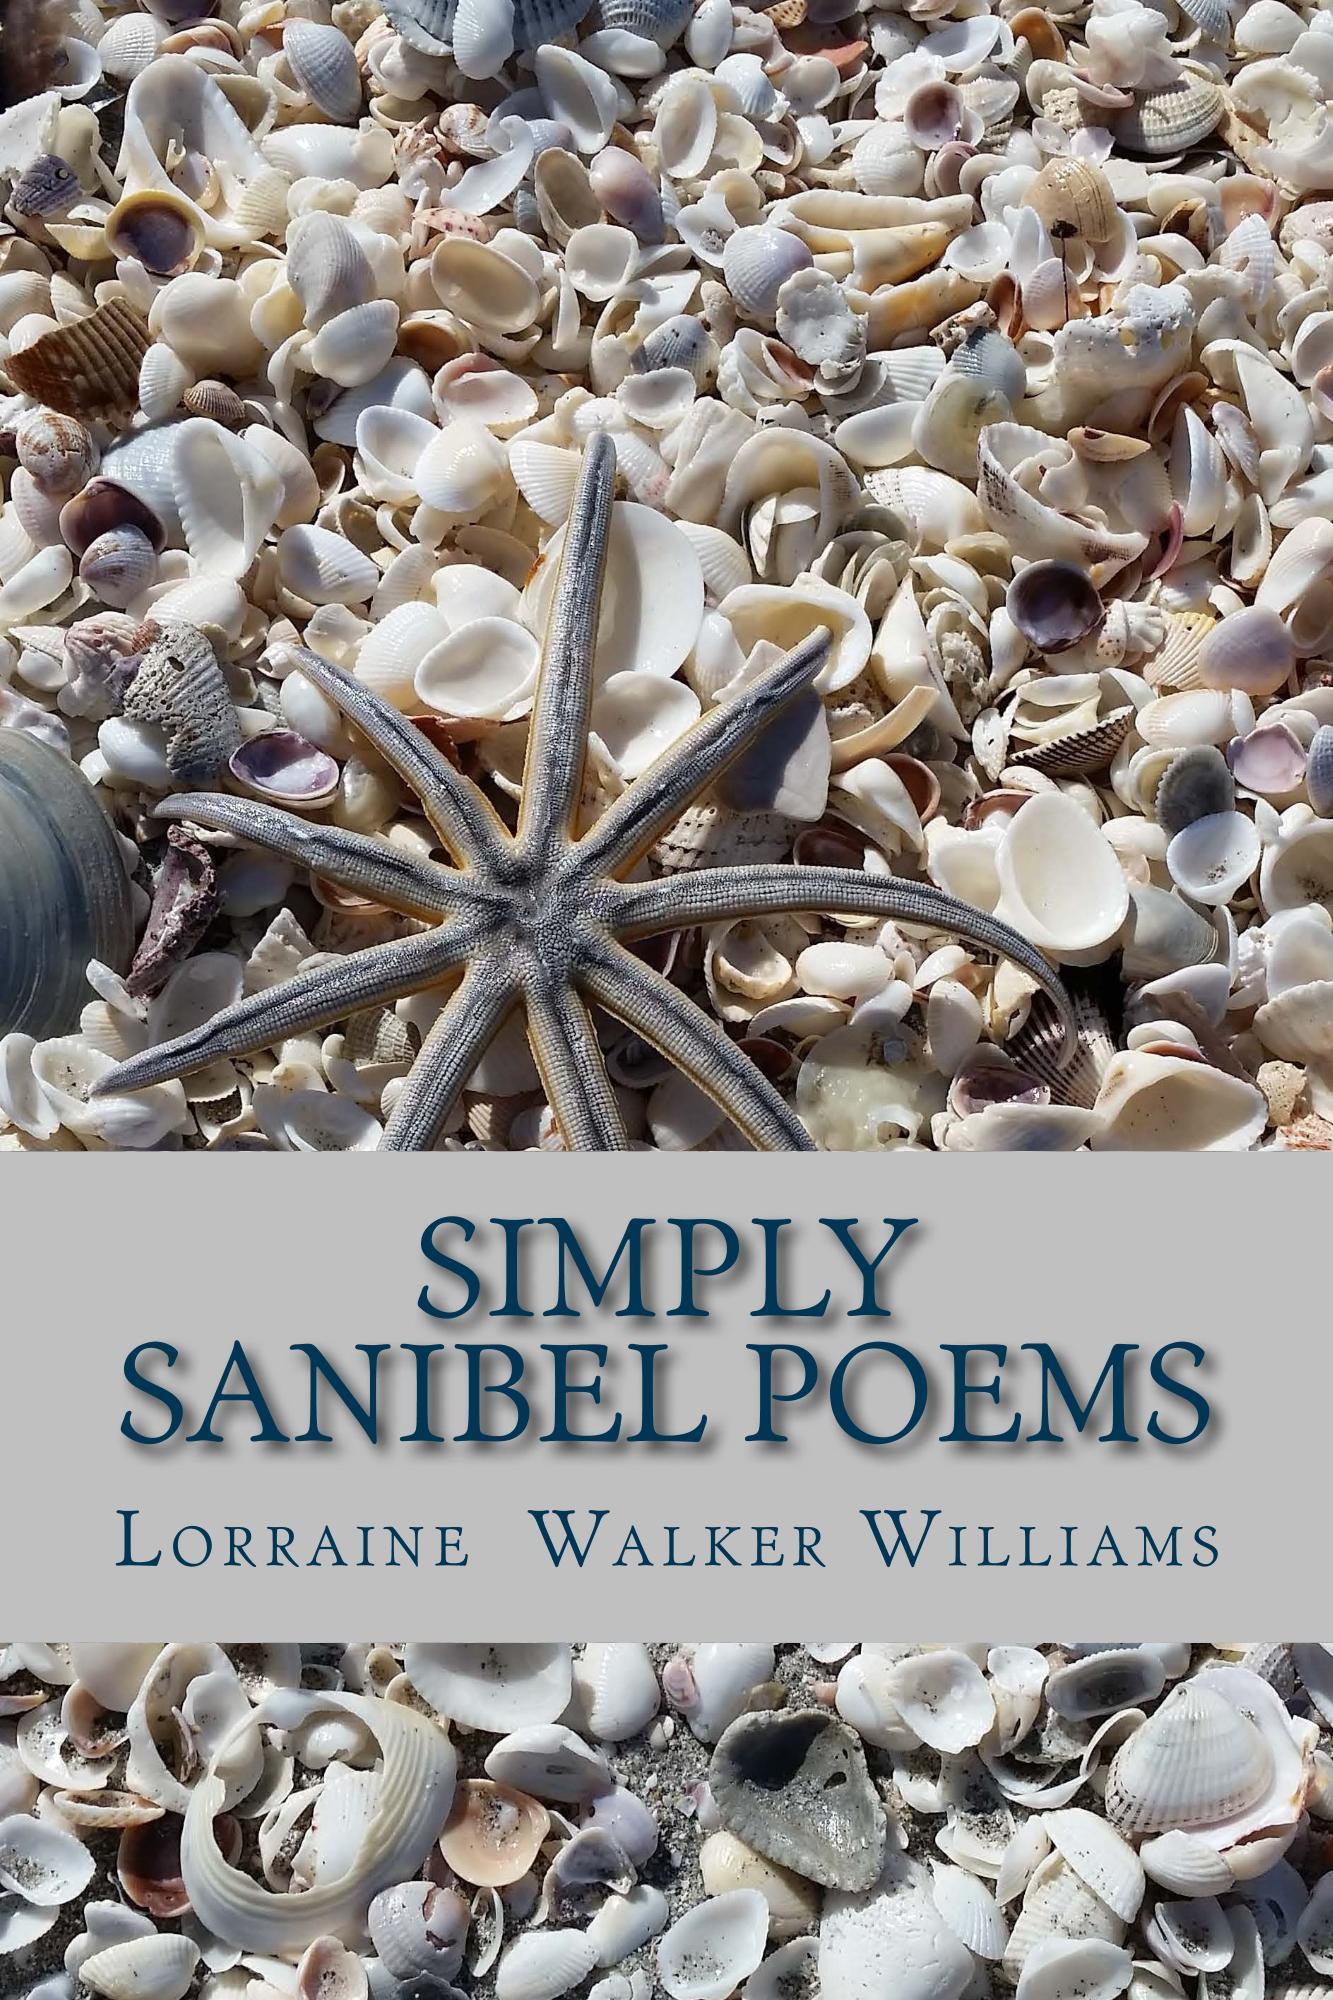 Simply Sanibel Poems (1).jpg